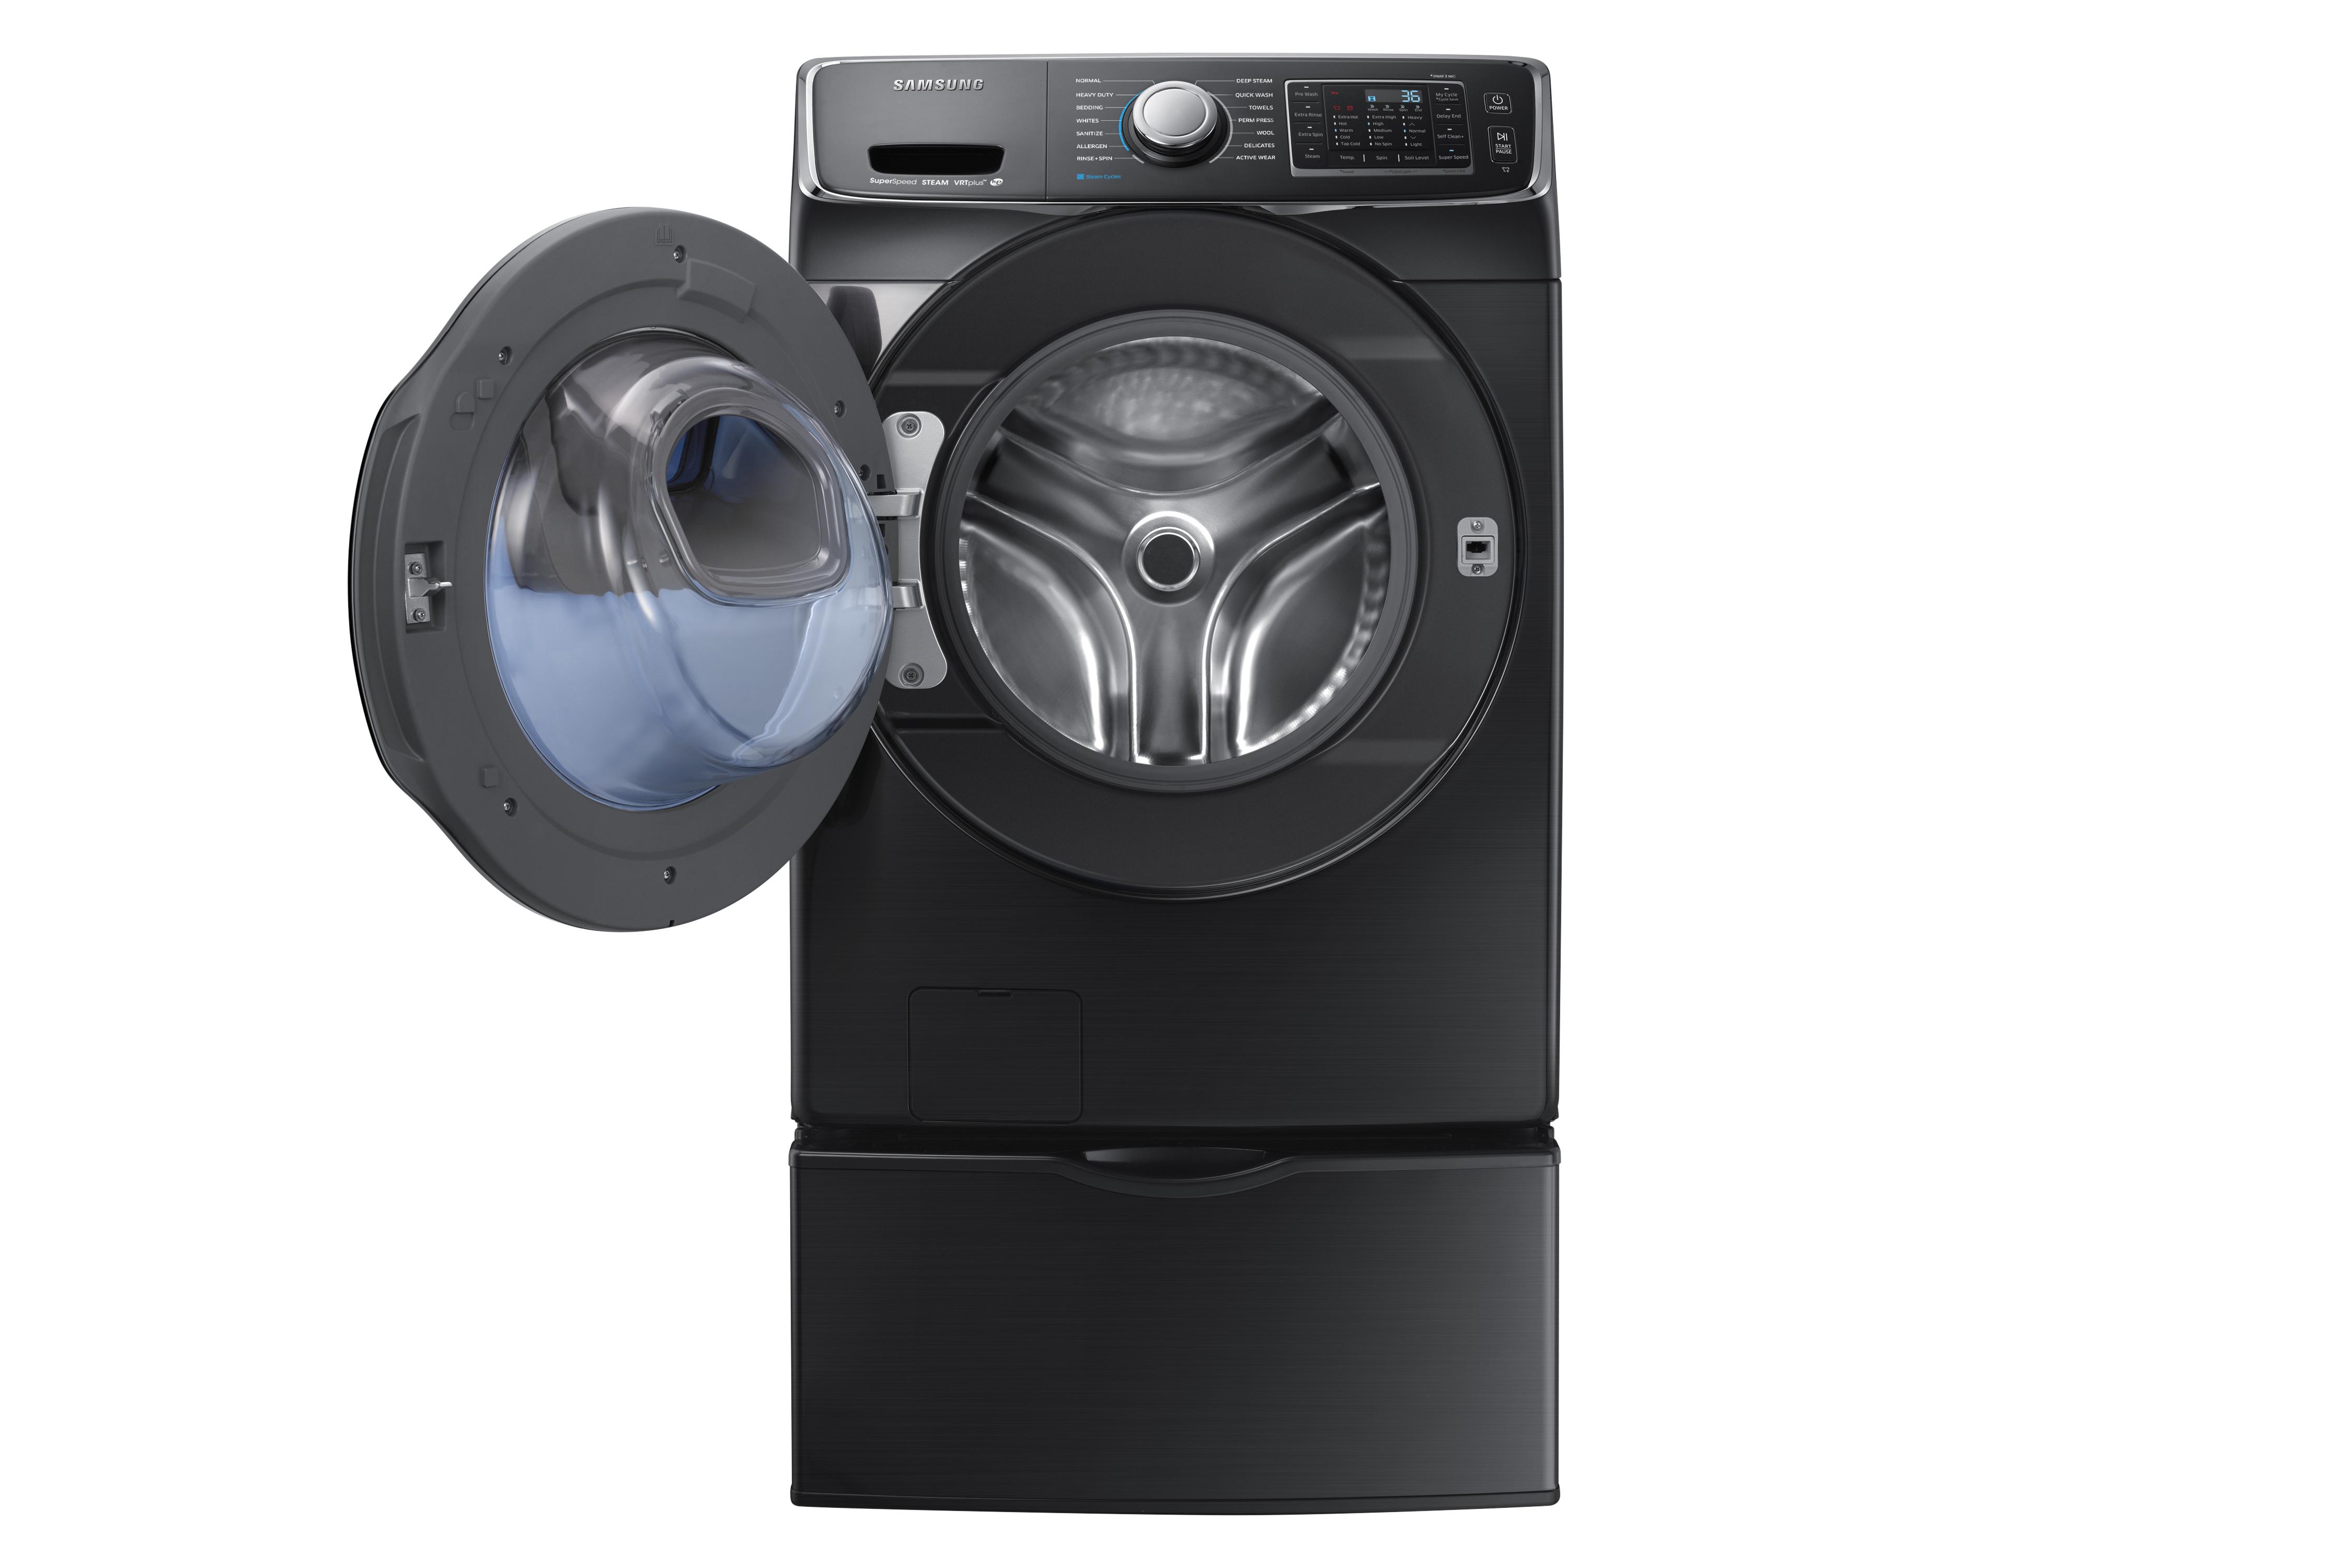 Samsung WF45K6500AV 4.5 cu. ft. AddWash™ Front Load Washer Black Stainless Steel